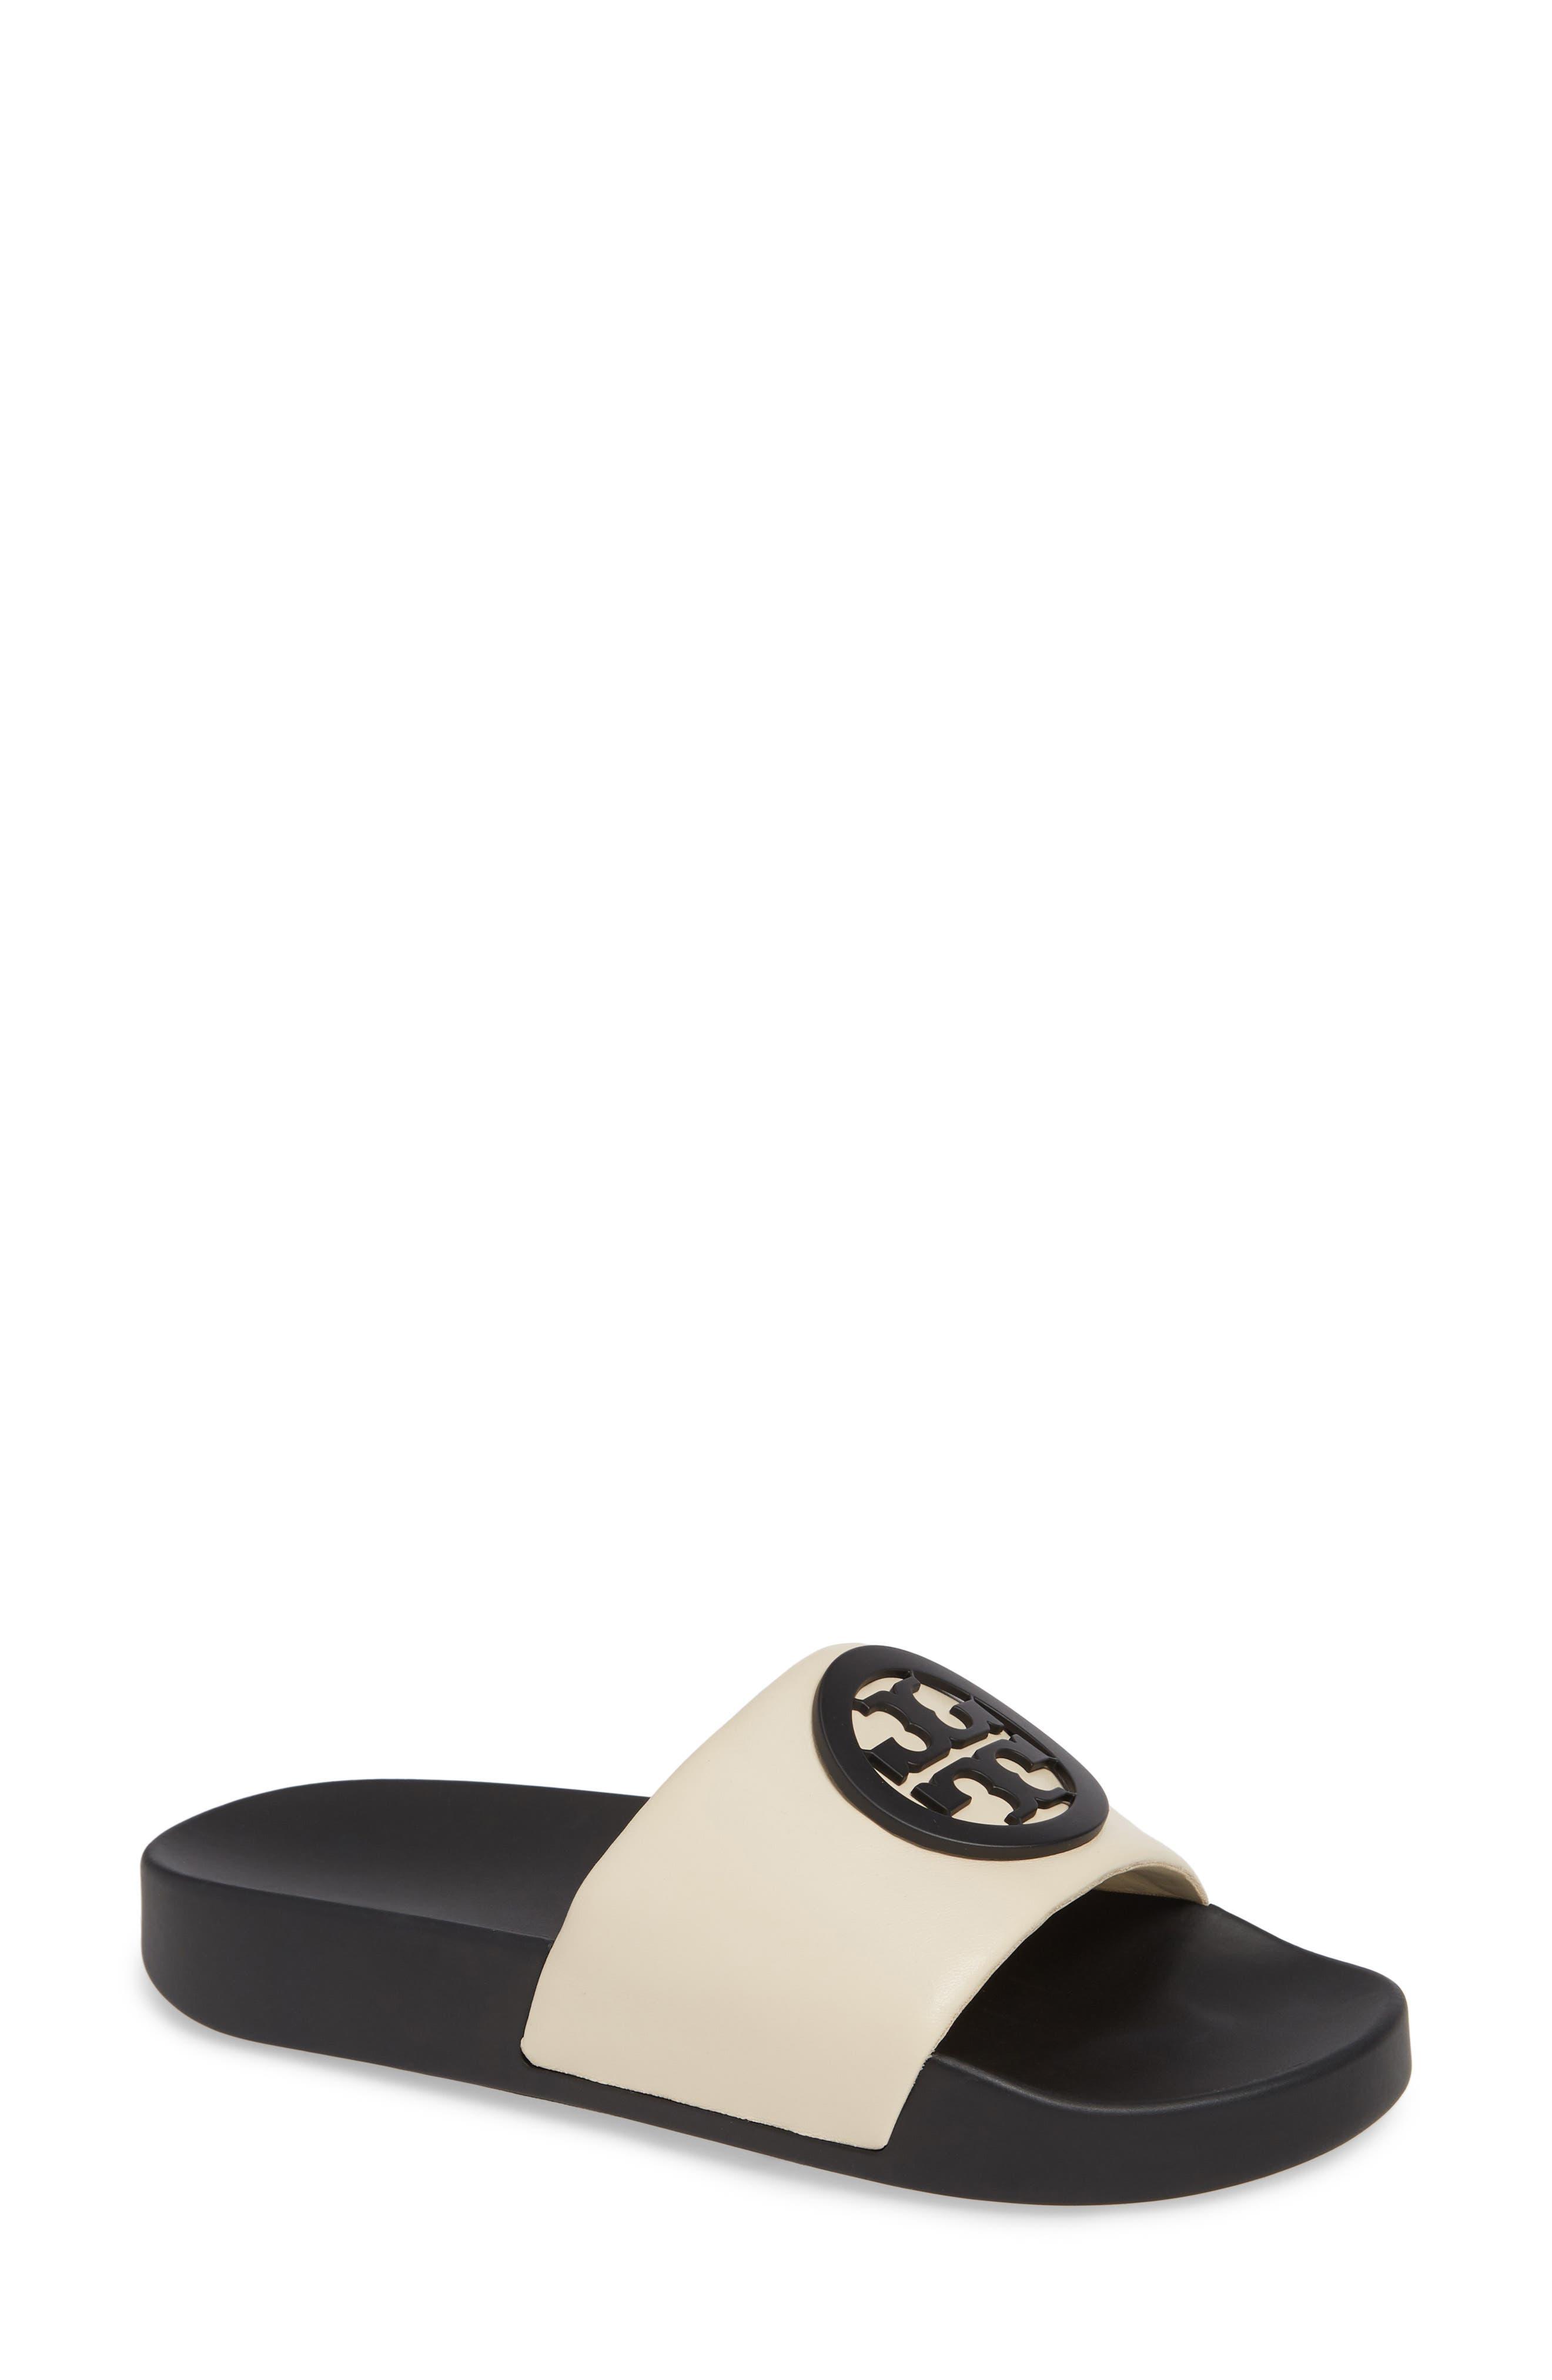 62cde43cd92c7 Tory Burch Sandals   Flip-Flops